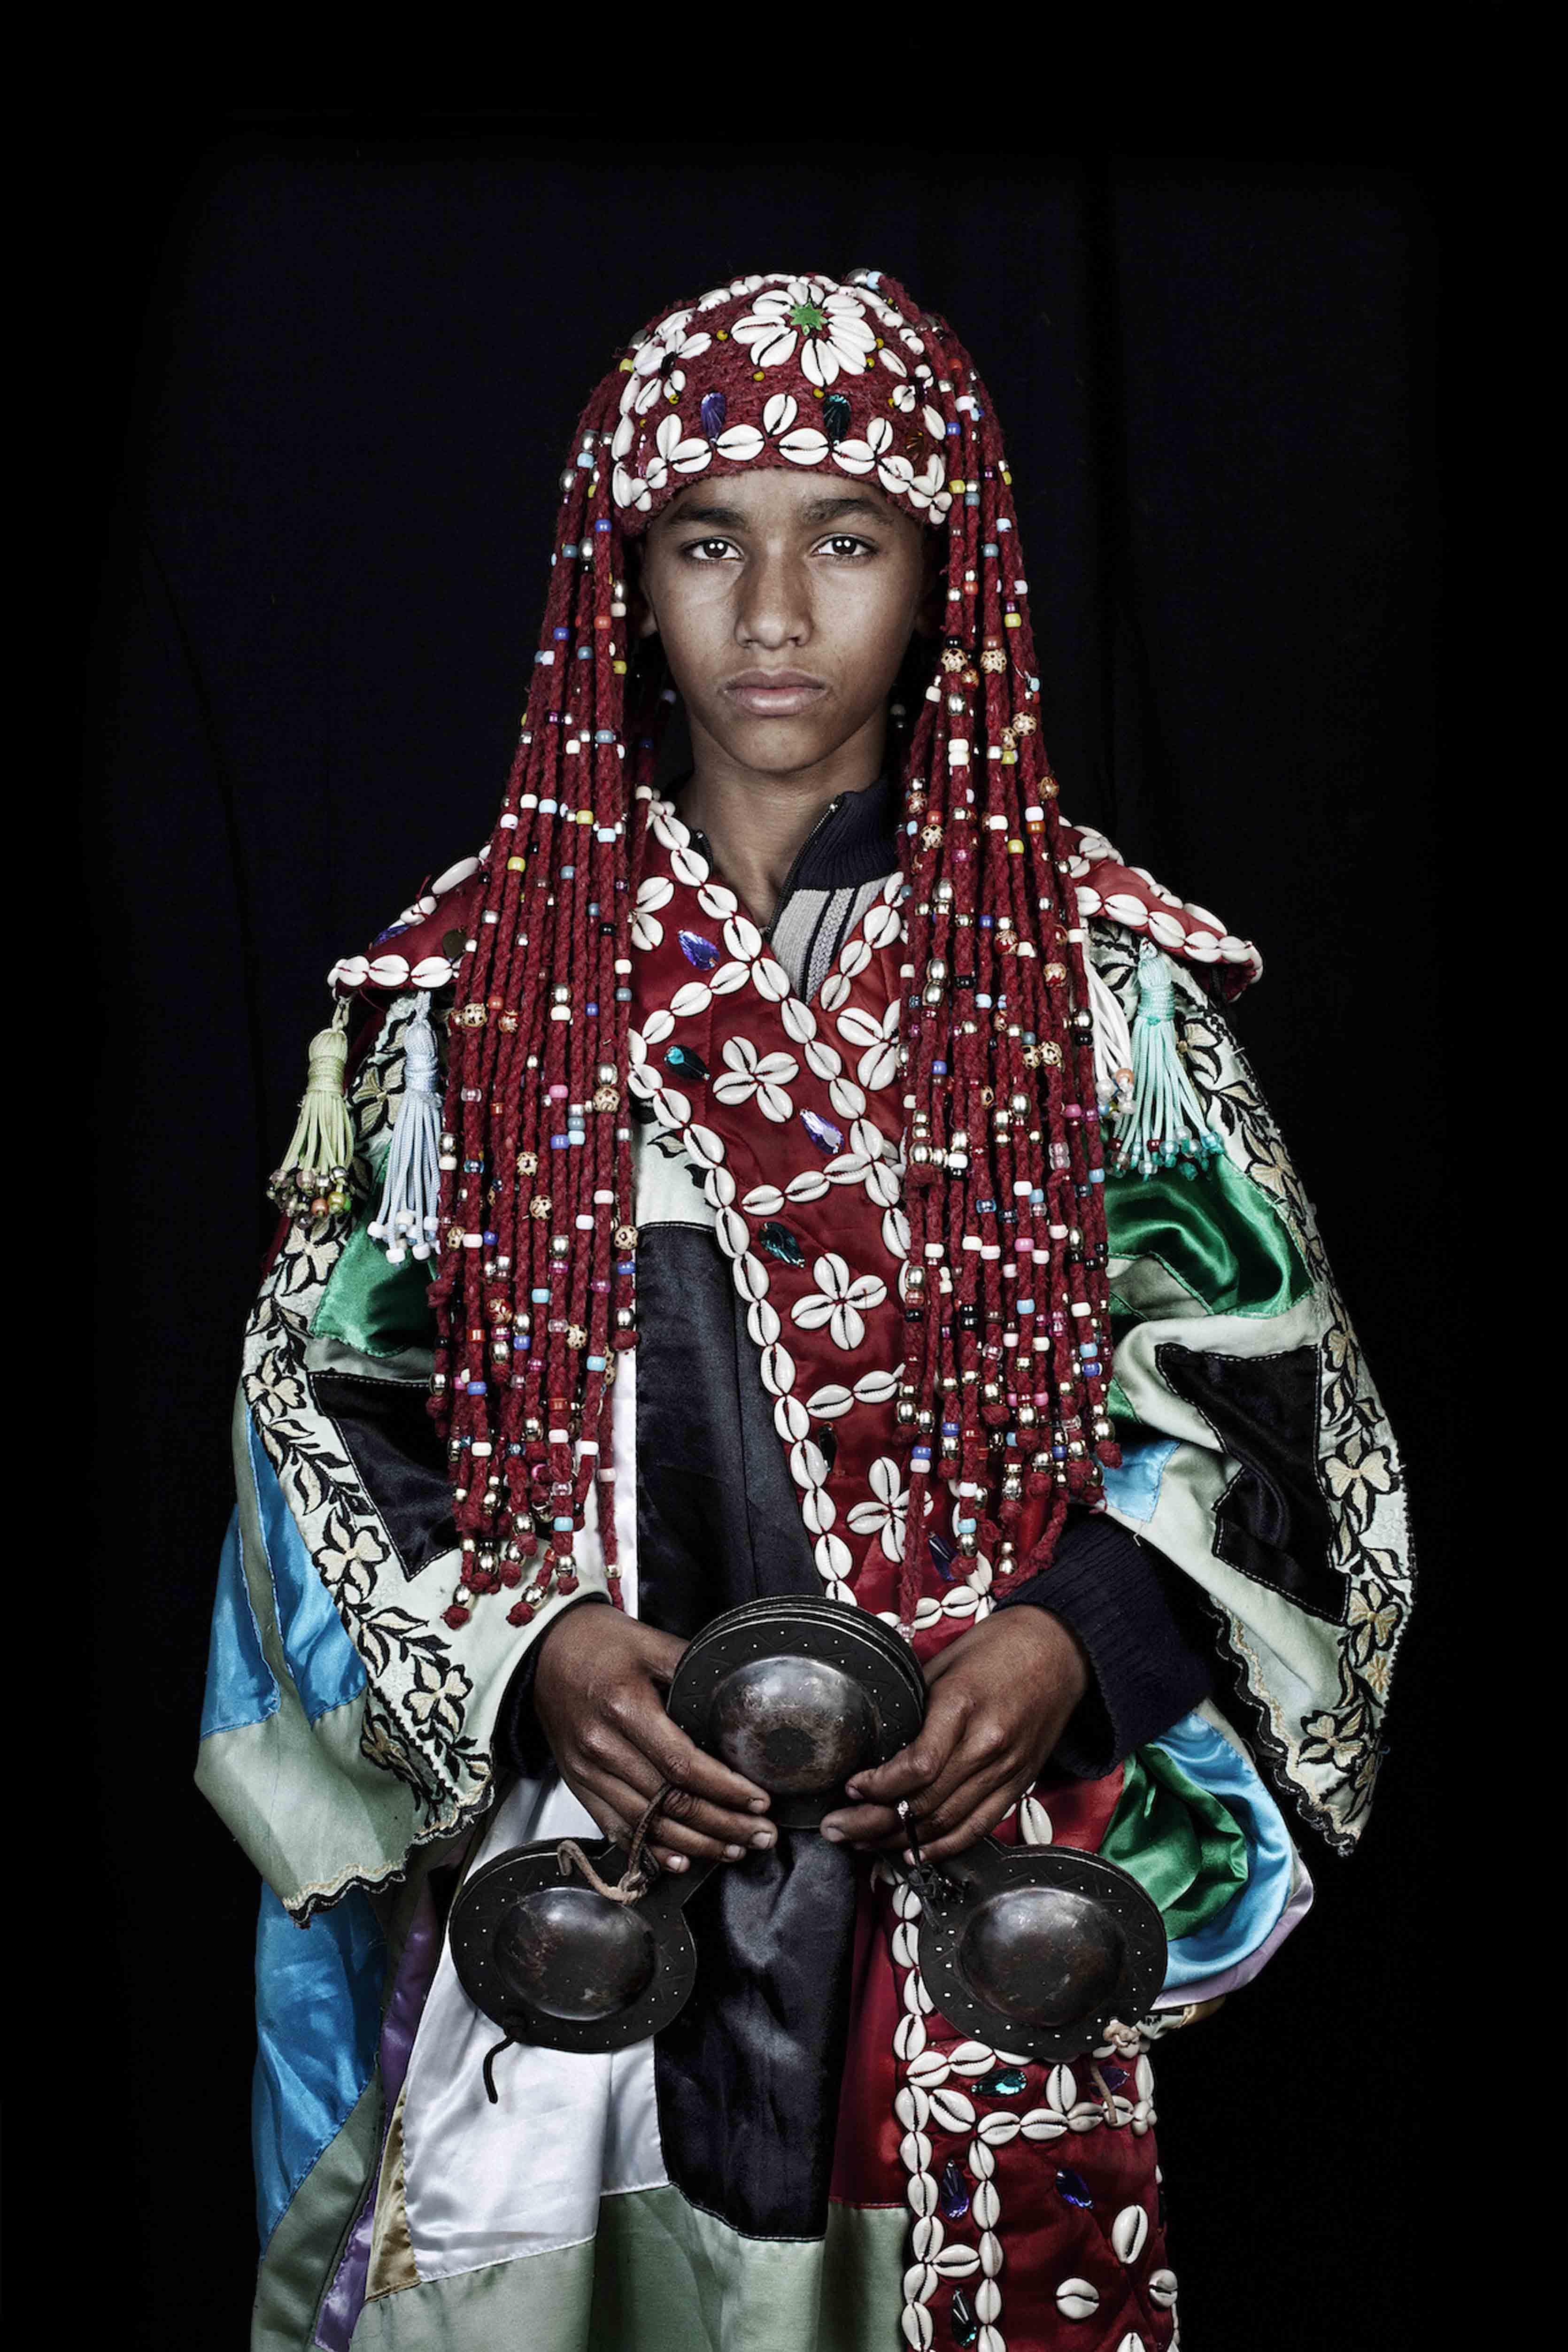 Les Marocains © Leïla Alaoui, courtesy of Galleria Continua